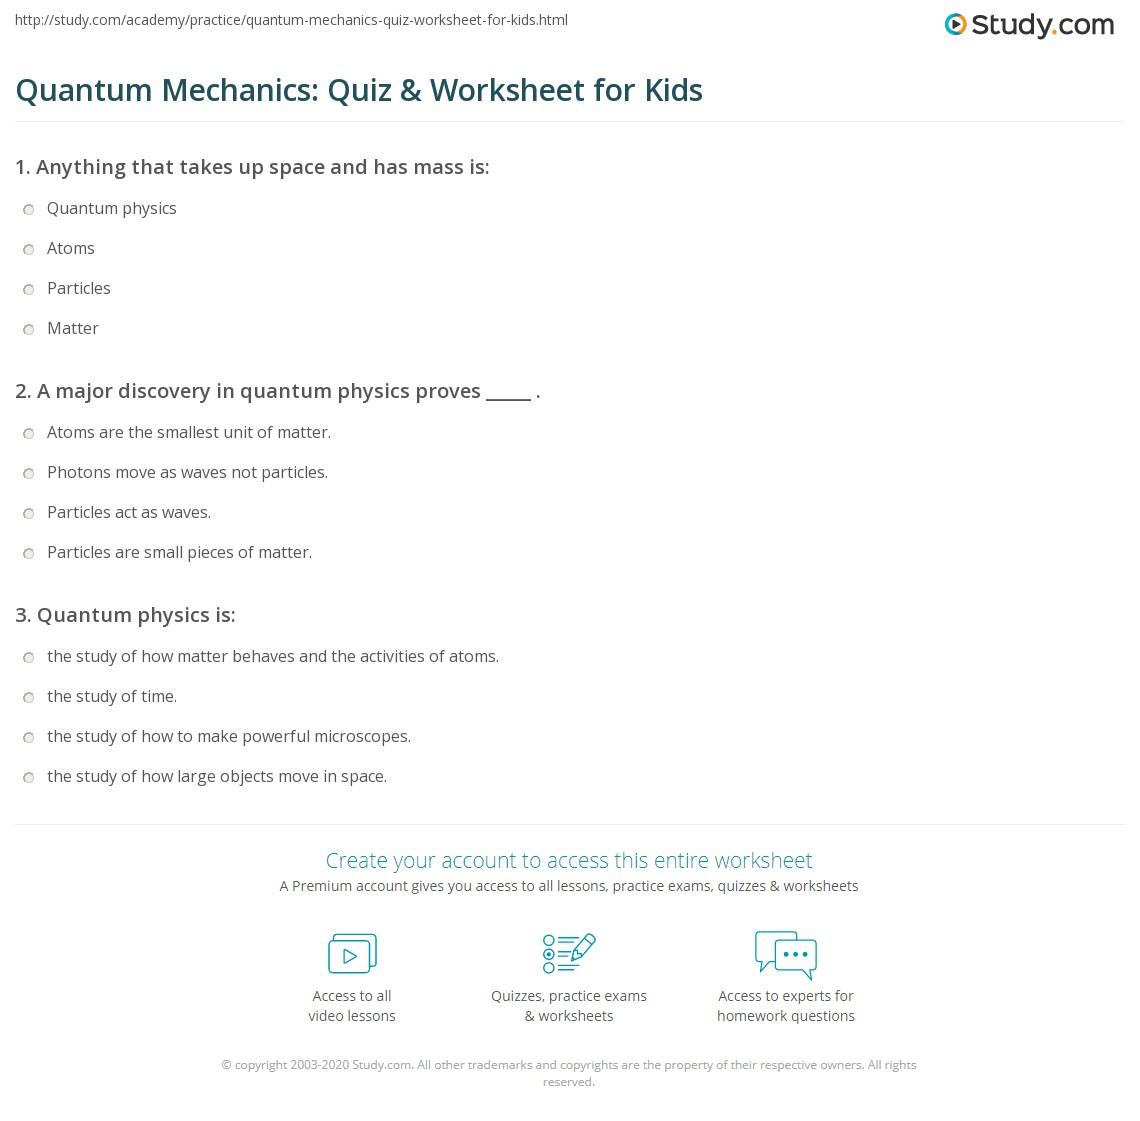 Quantum Mechanics: Quiz & Worksheet for Kids | Study com